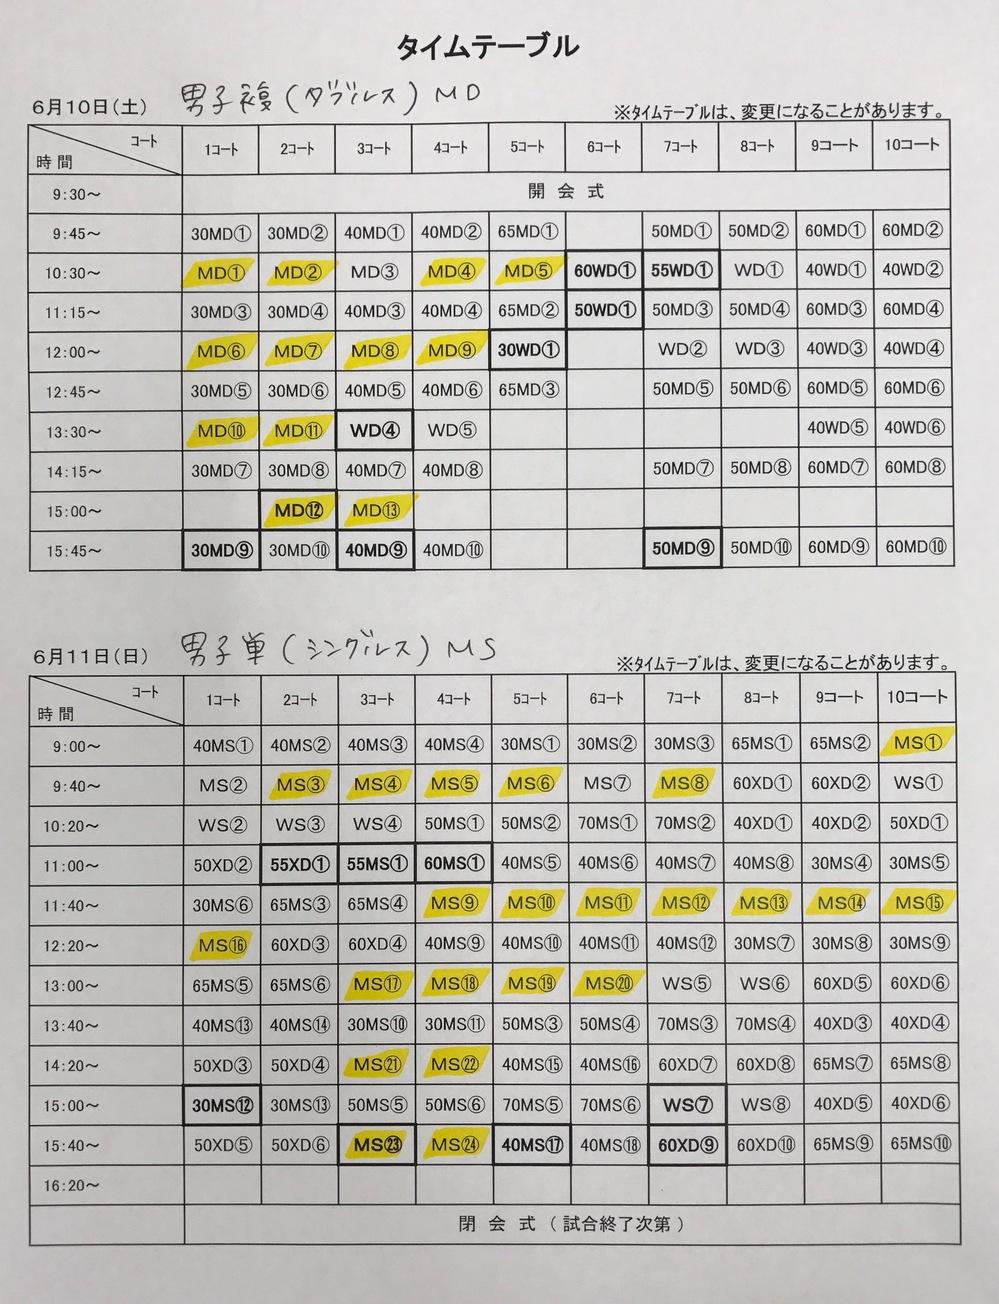 BT_chitose2 (2).jpeg